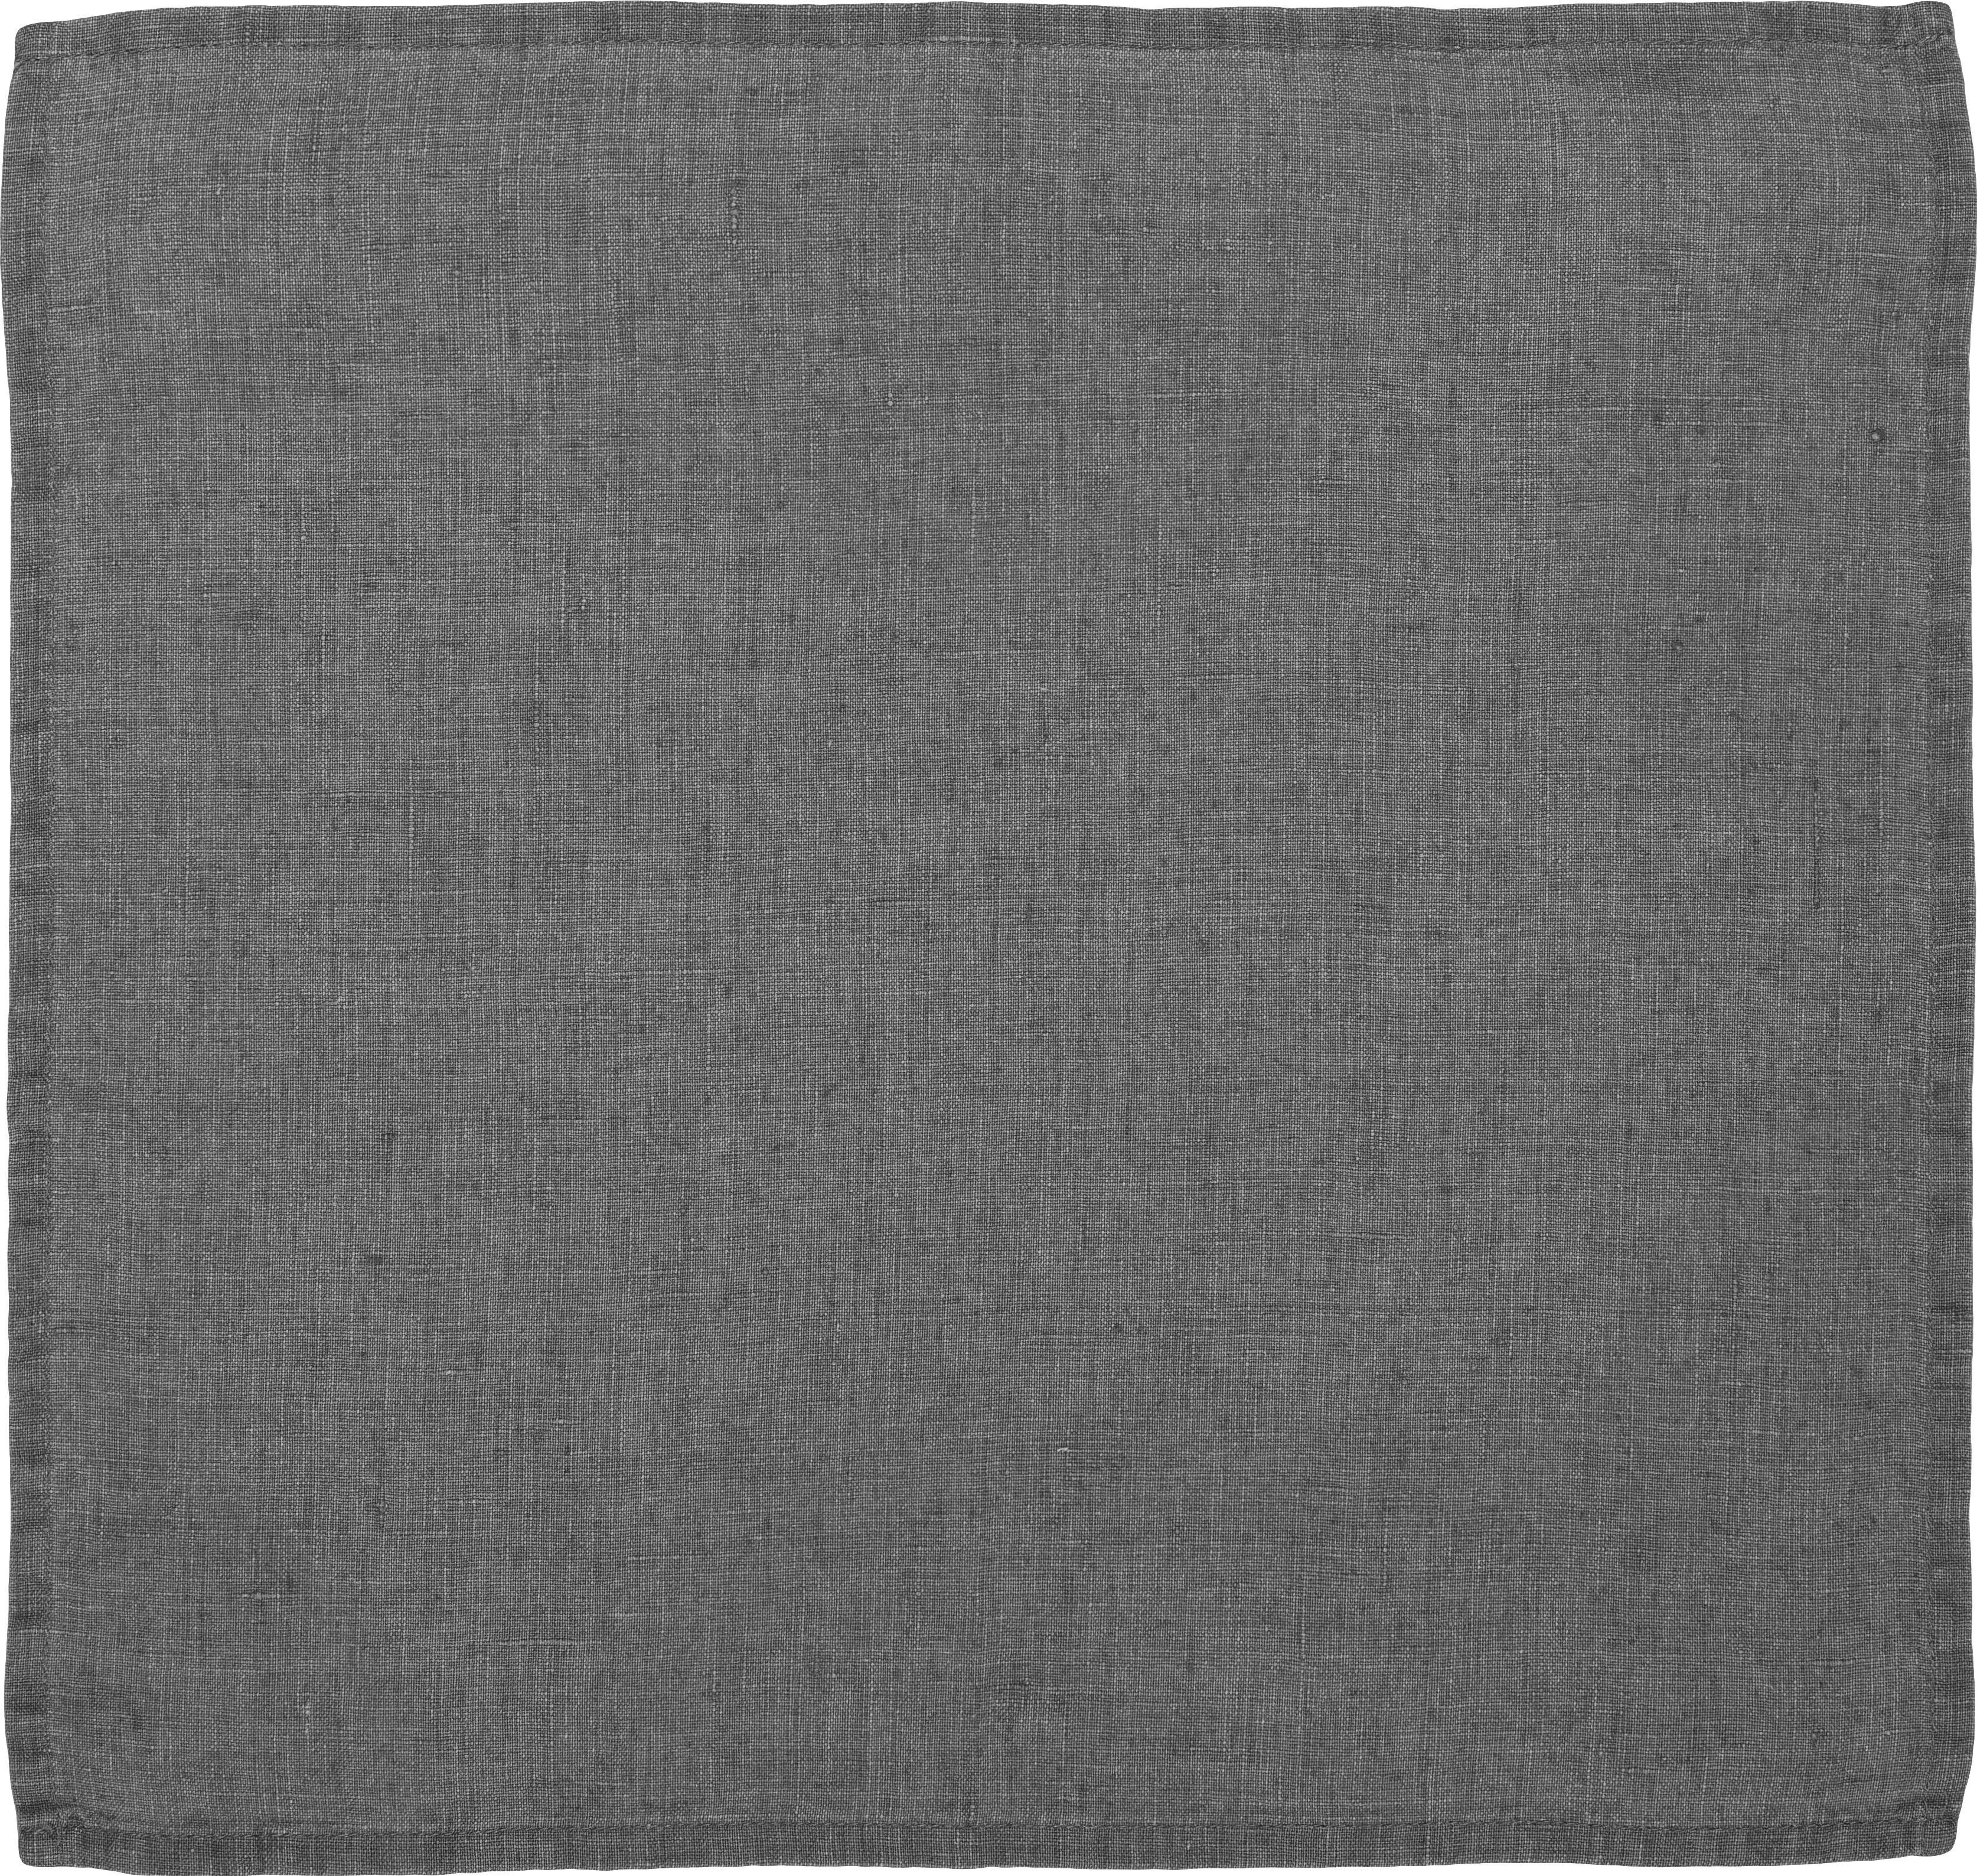 Tovagliolo in lino Ruta 6 pz, Grigio, P 43 x L 43 cm